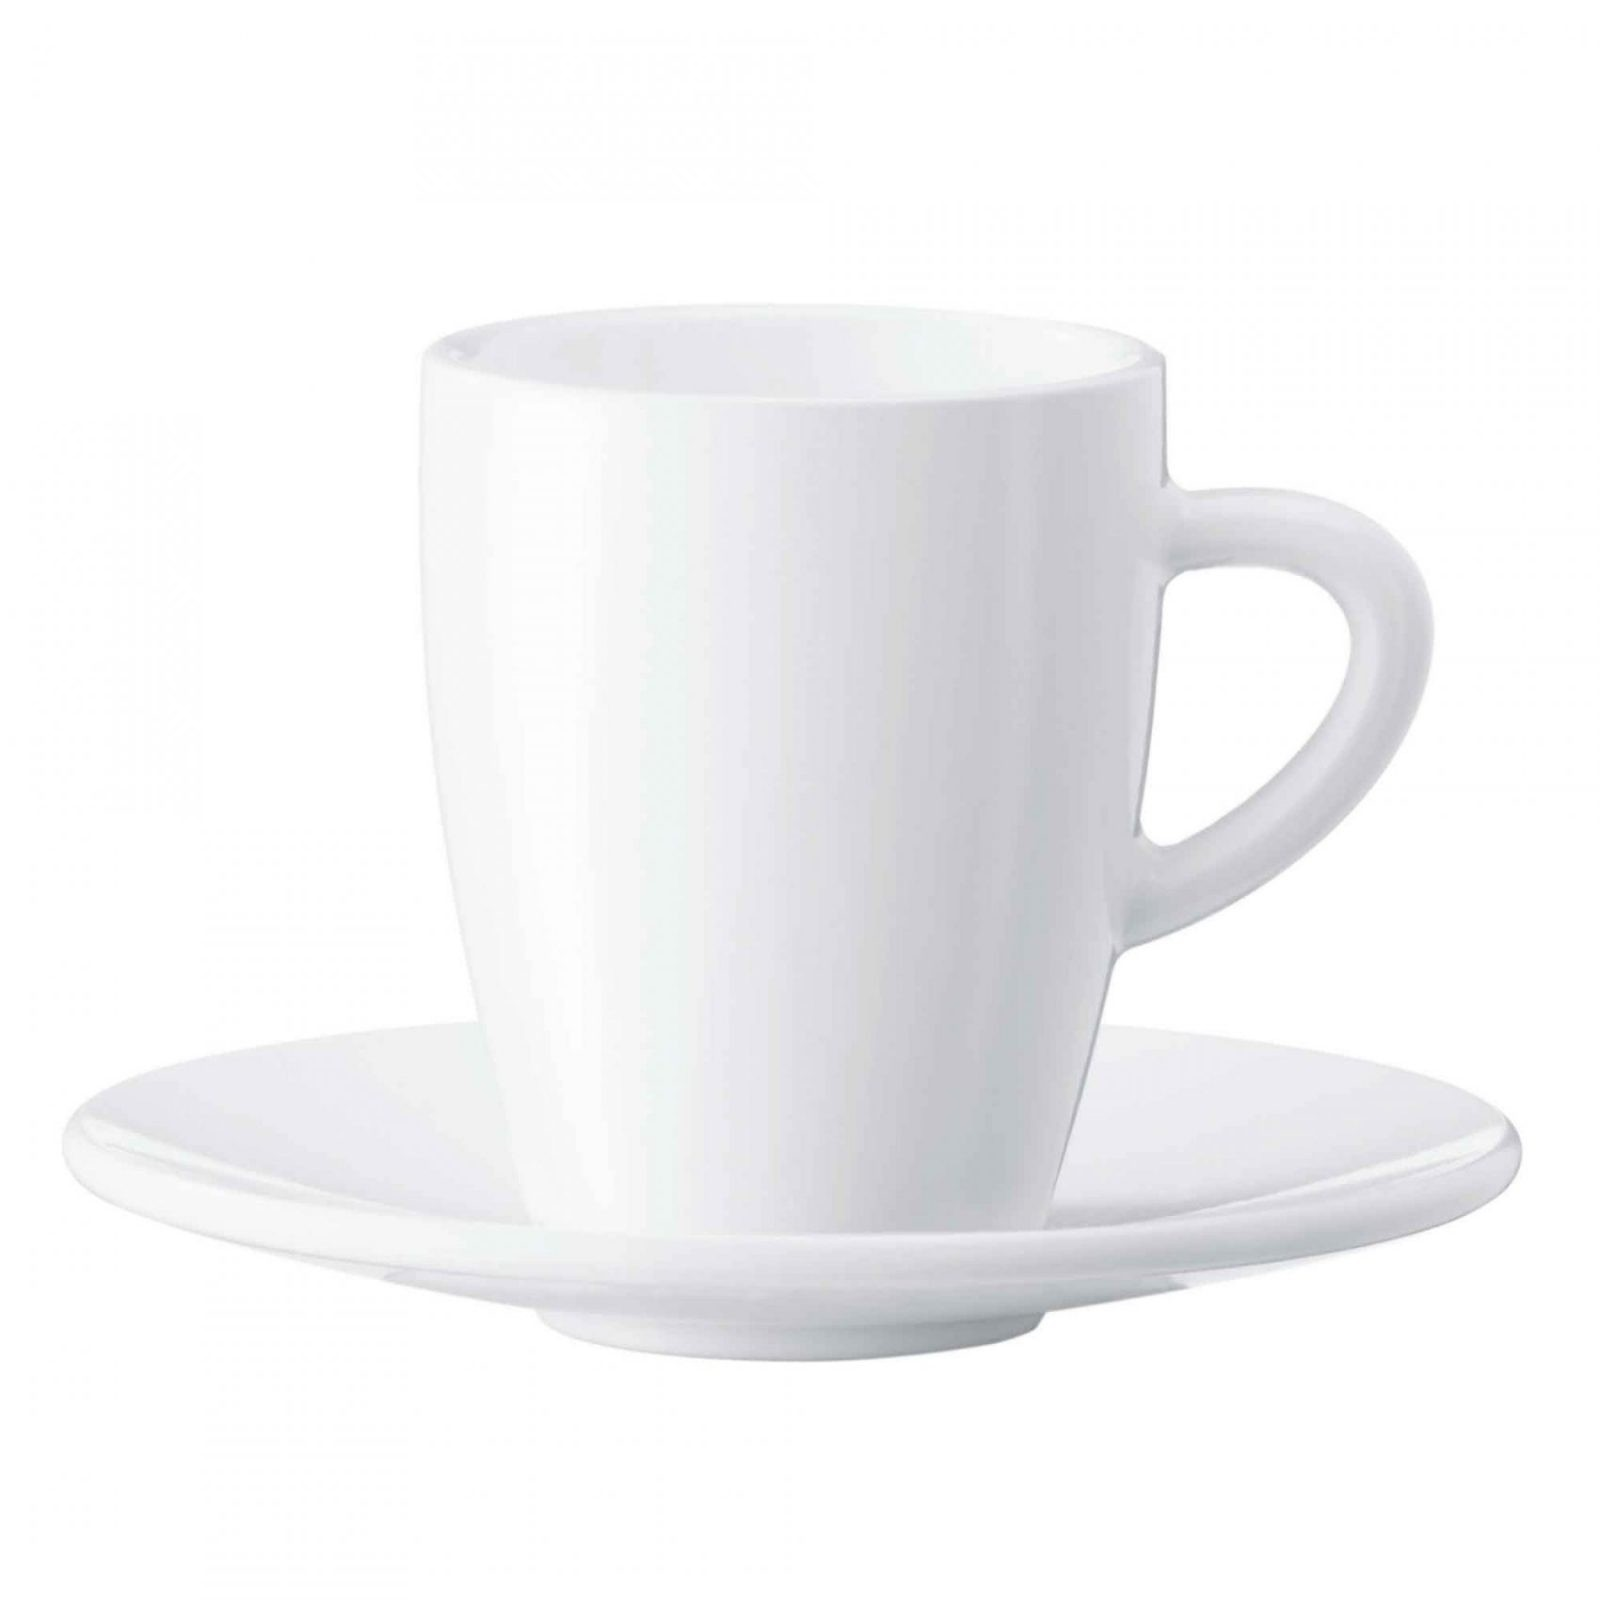 Kaffeetassen 2Er Set Günstig Online Kaufen  Jurakowalschik von Kaffeetassen Set Günstig Photo